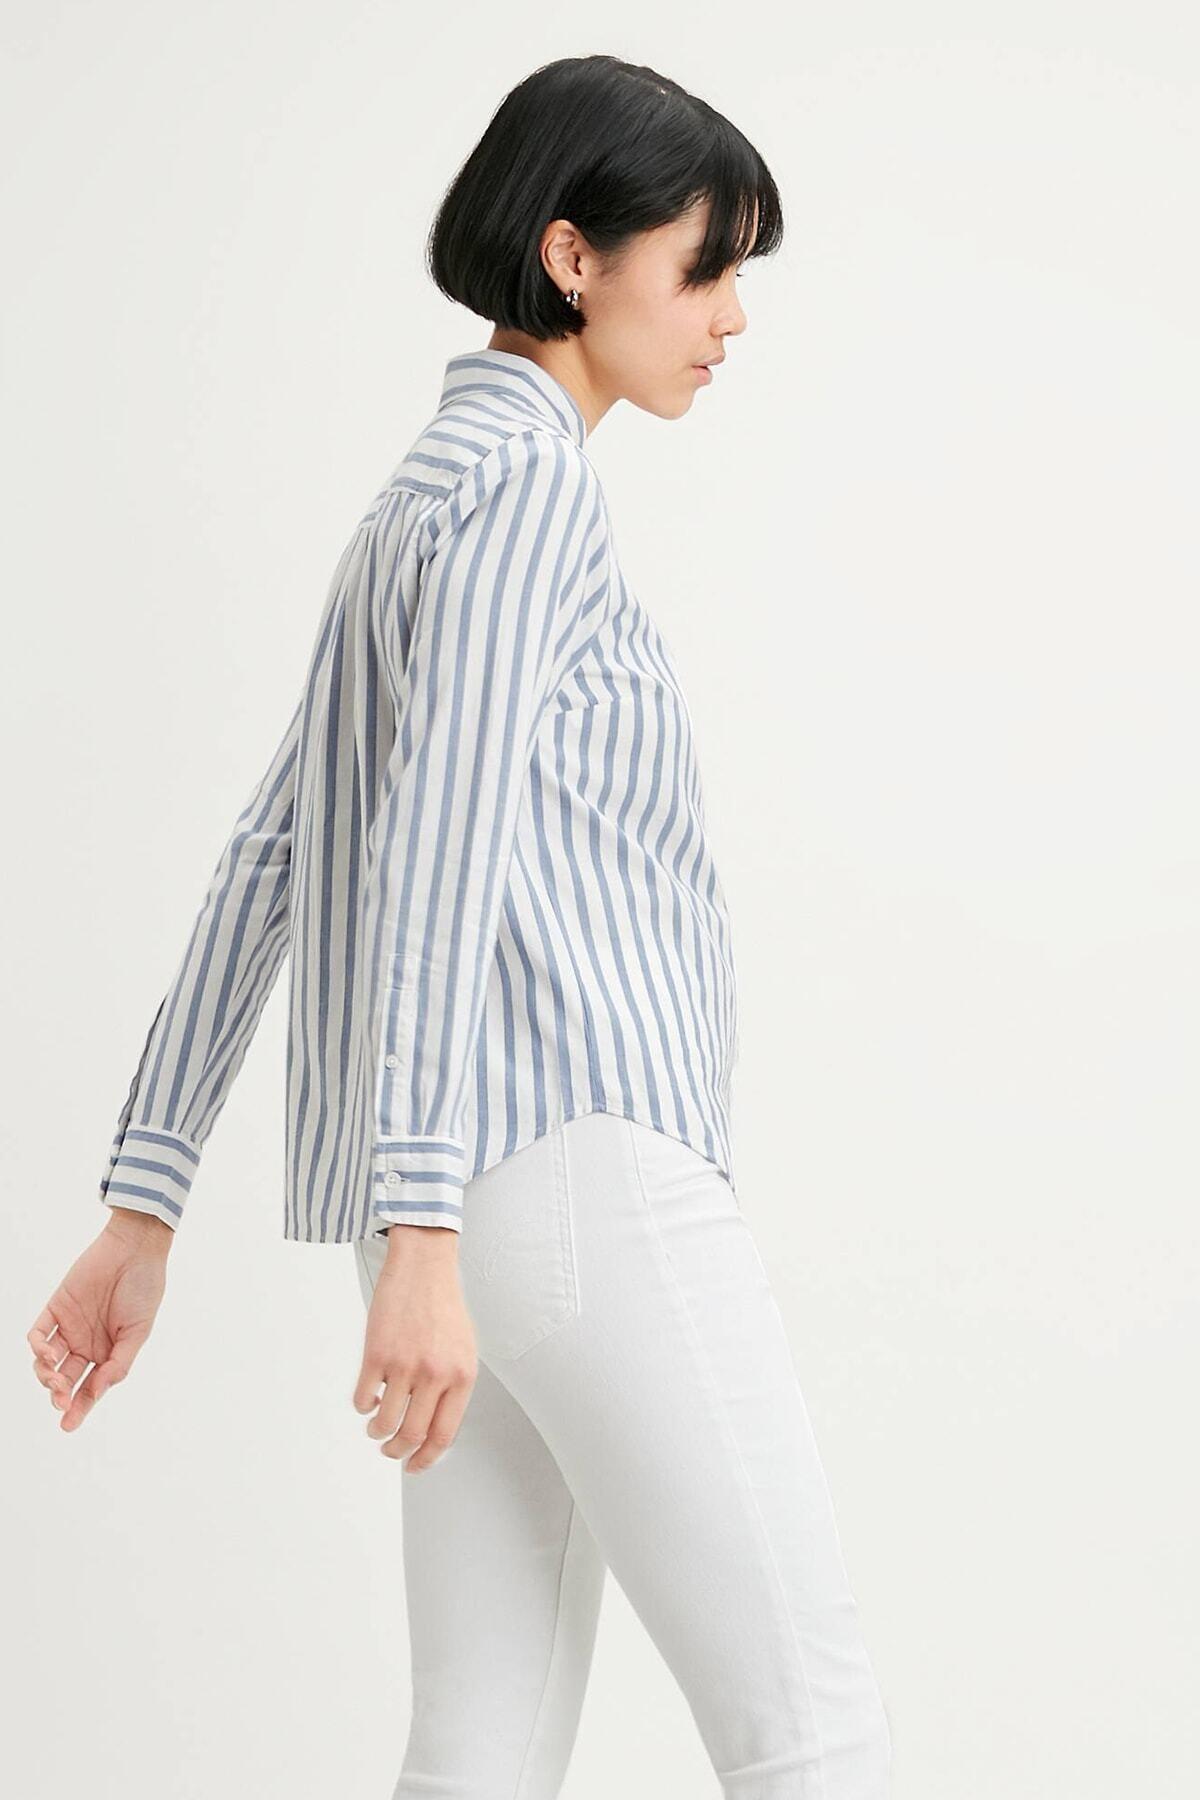 Levi's Kadın Mavi Çizgili Düz Yaka Gömlek Gömlek 34574 2